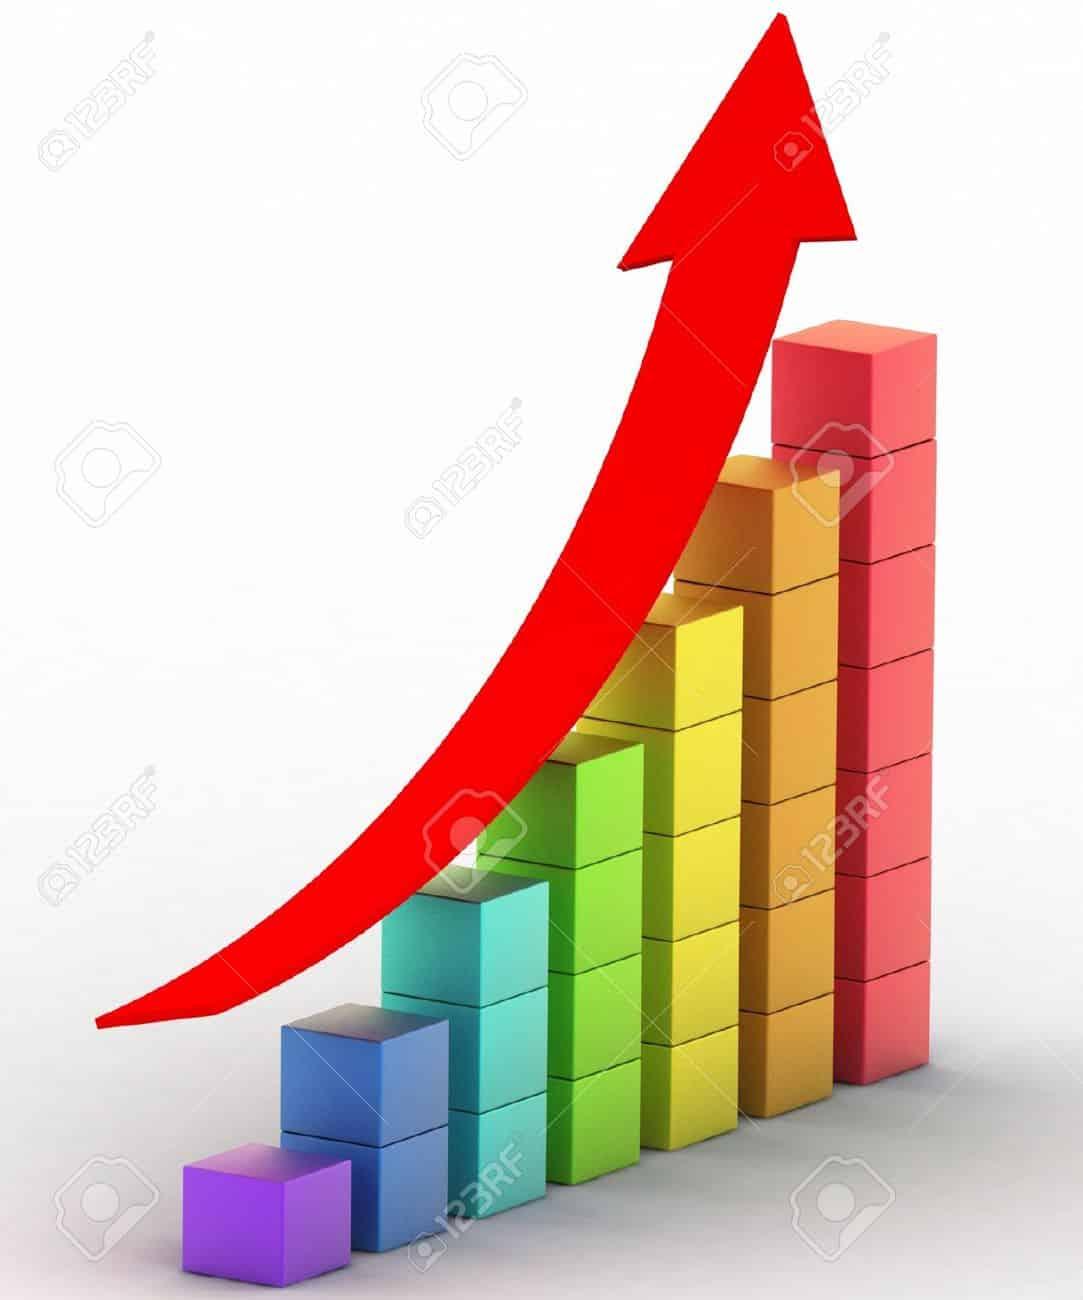 العلاقة بين التسوق الإلكتروني وزيادة المبيعات